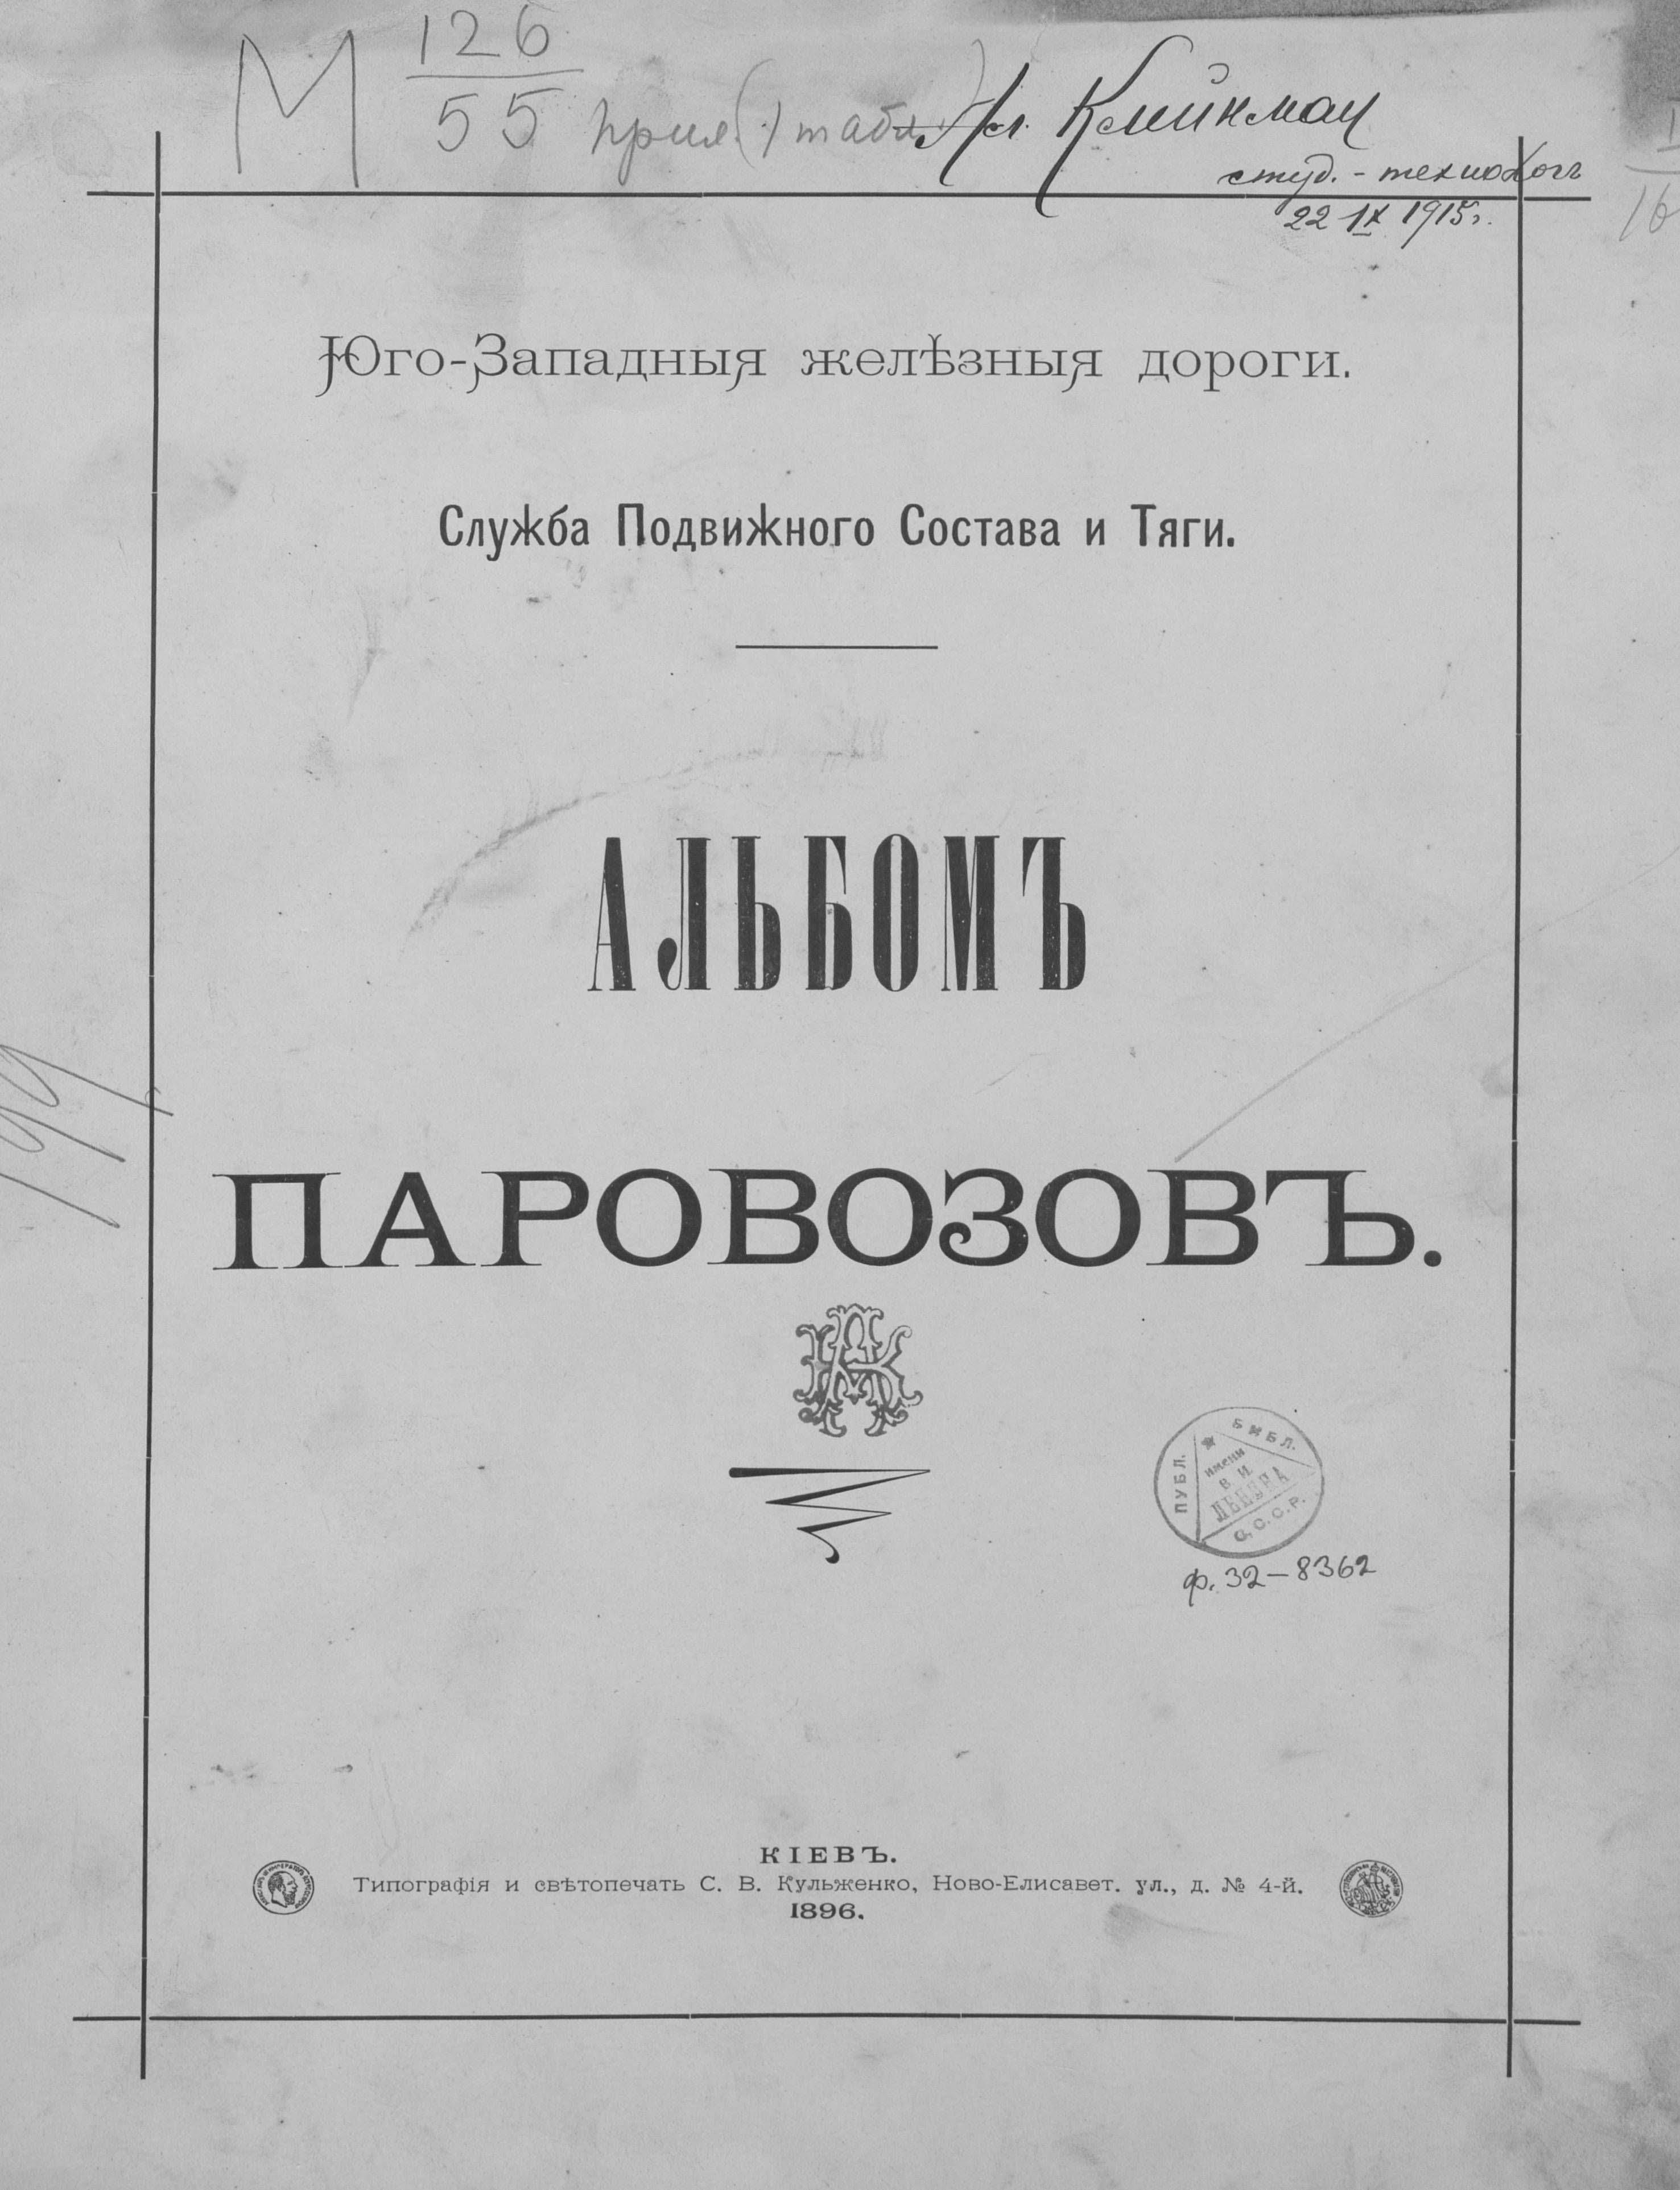 Альбом паровозов,1896 год